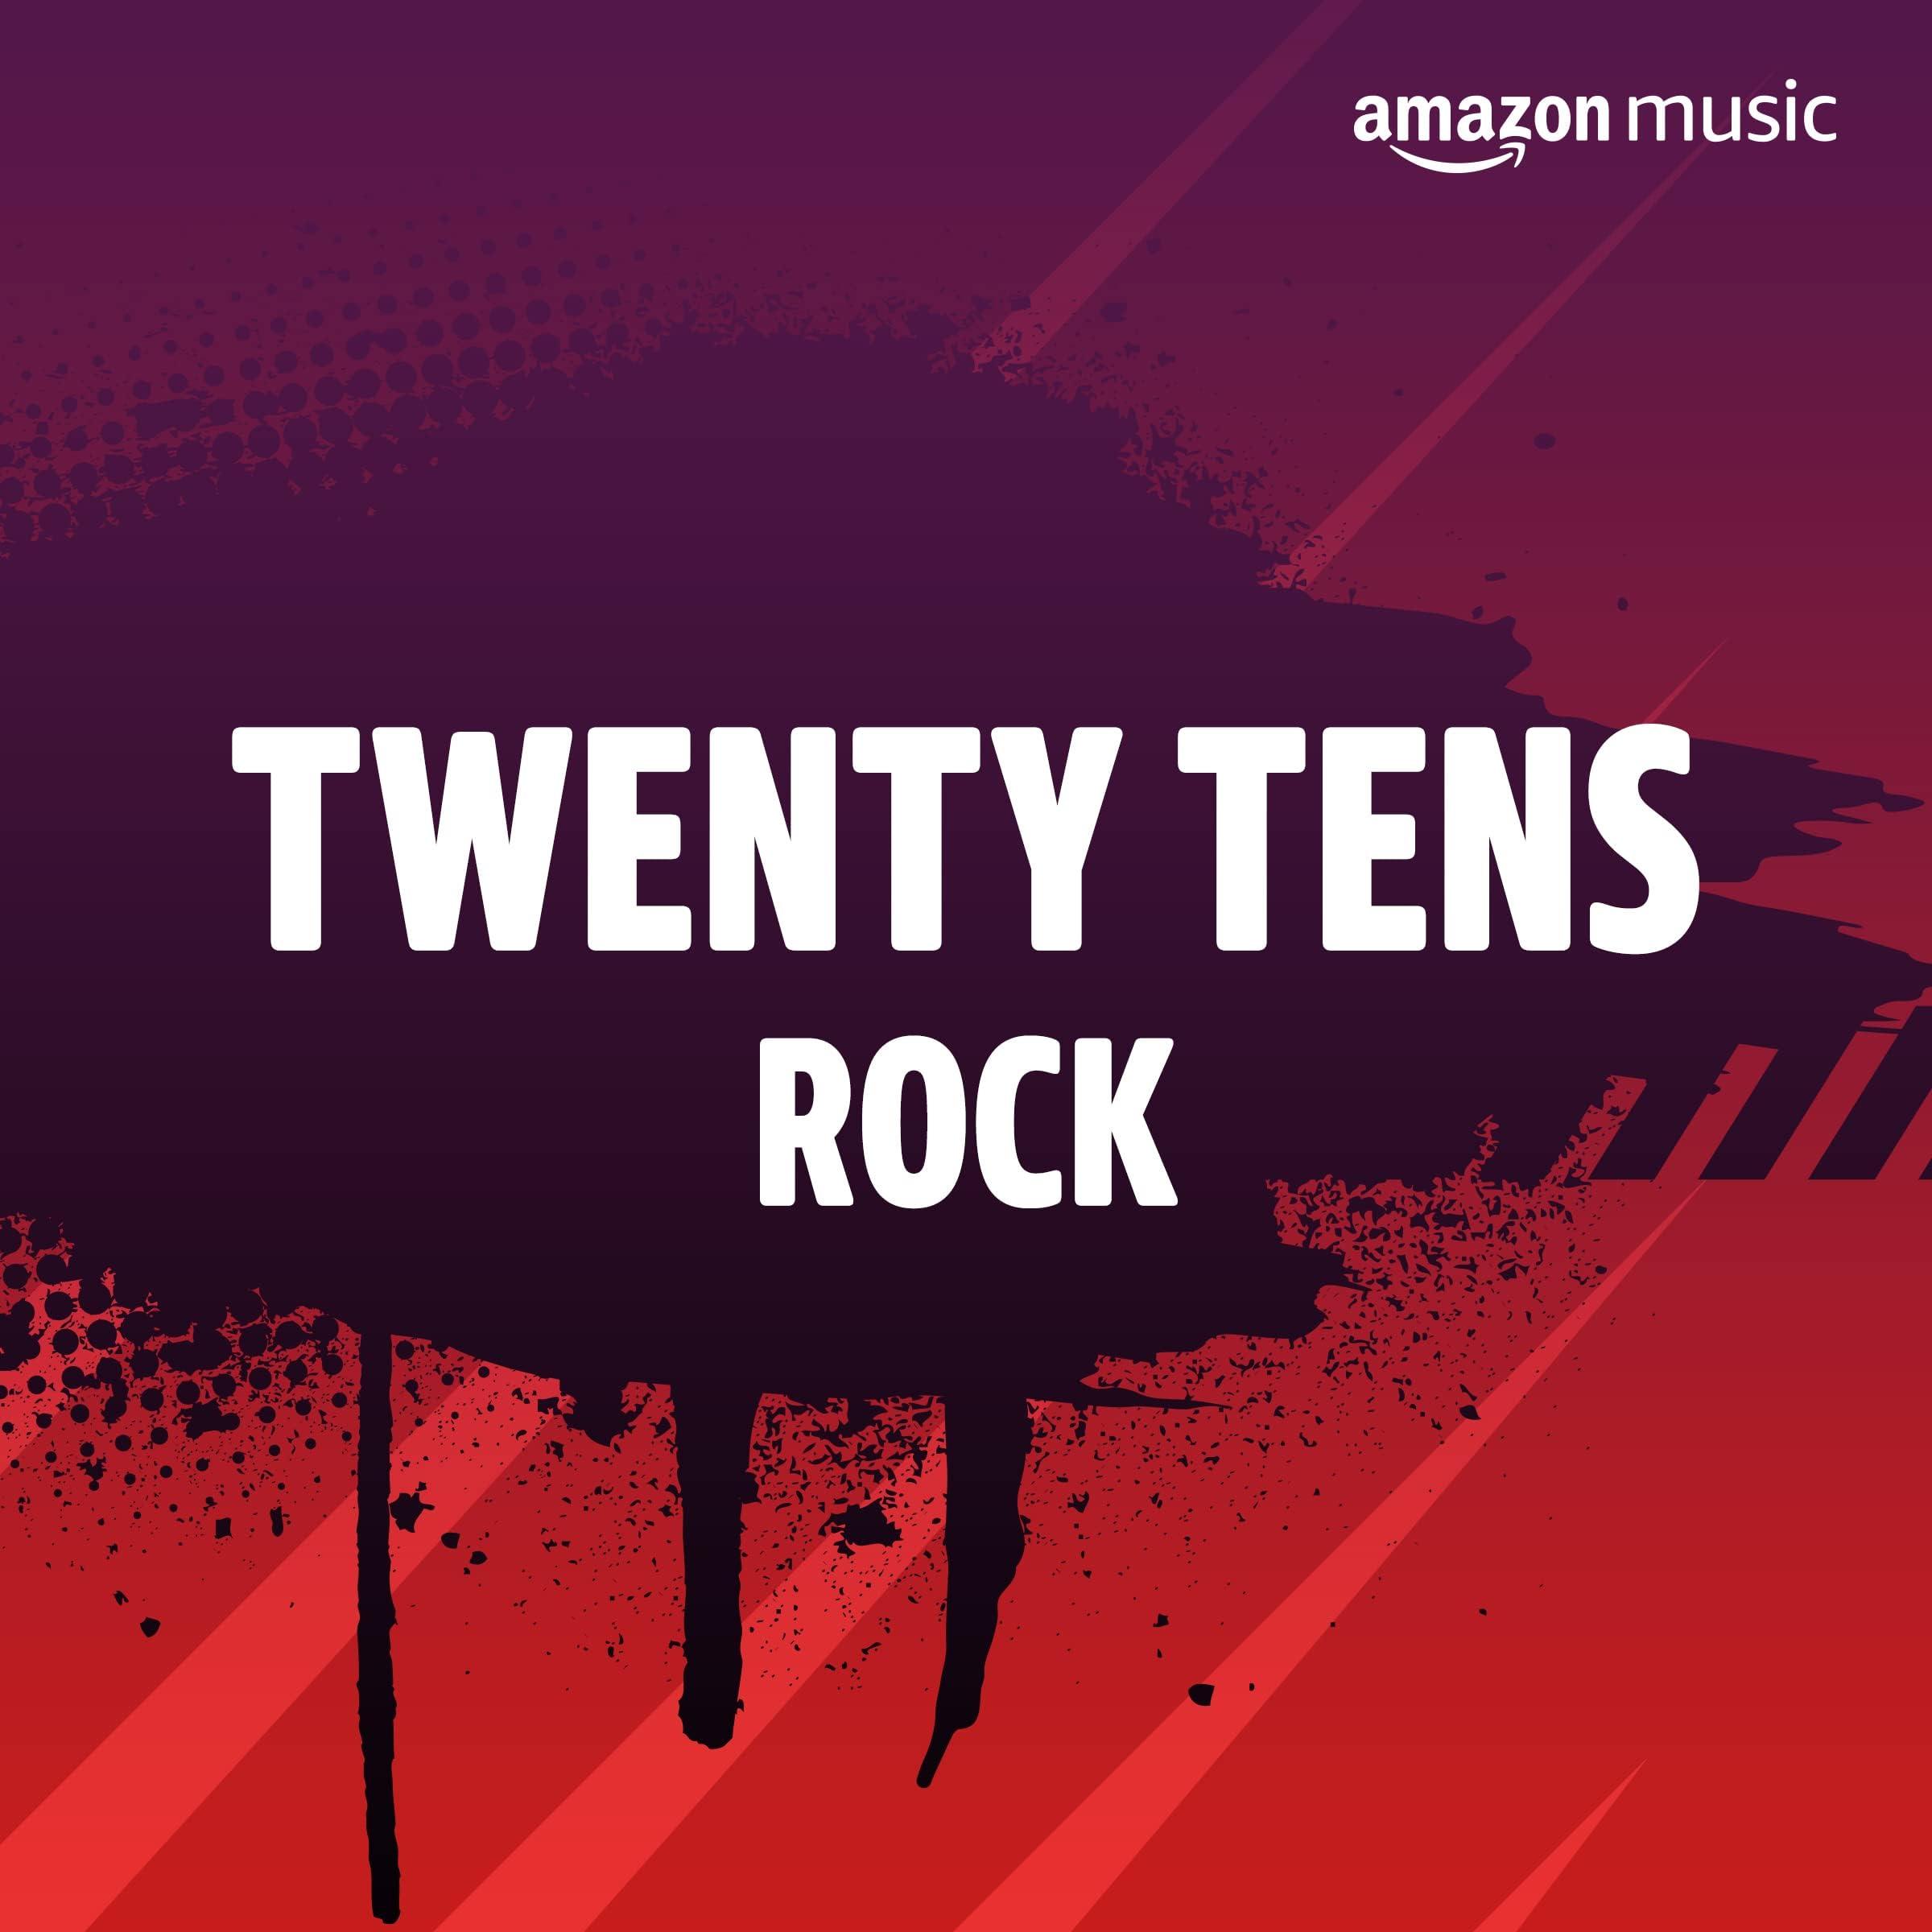 Twenty Tens Rock